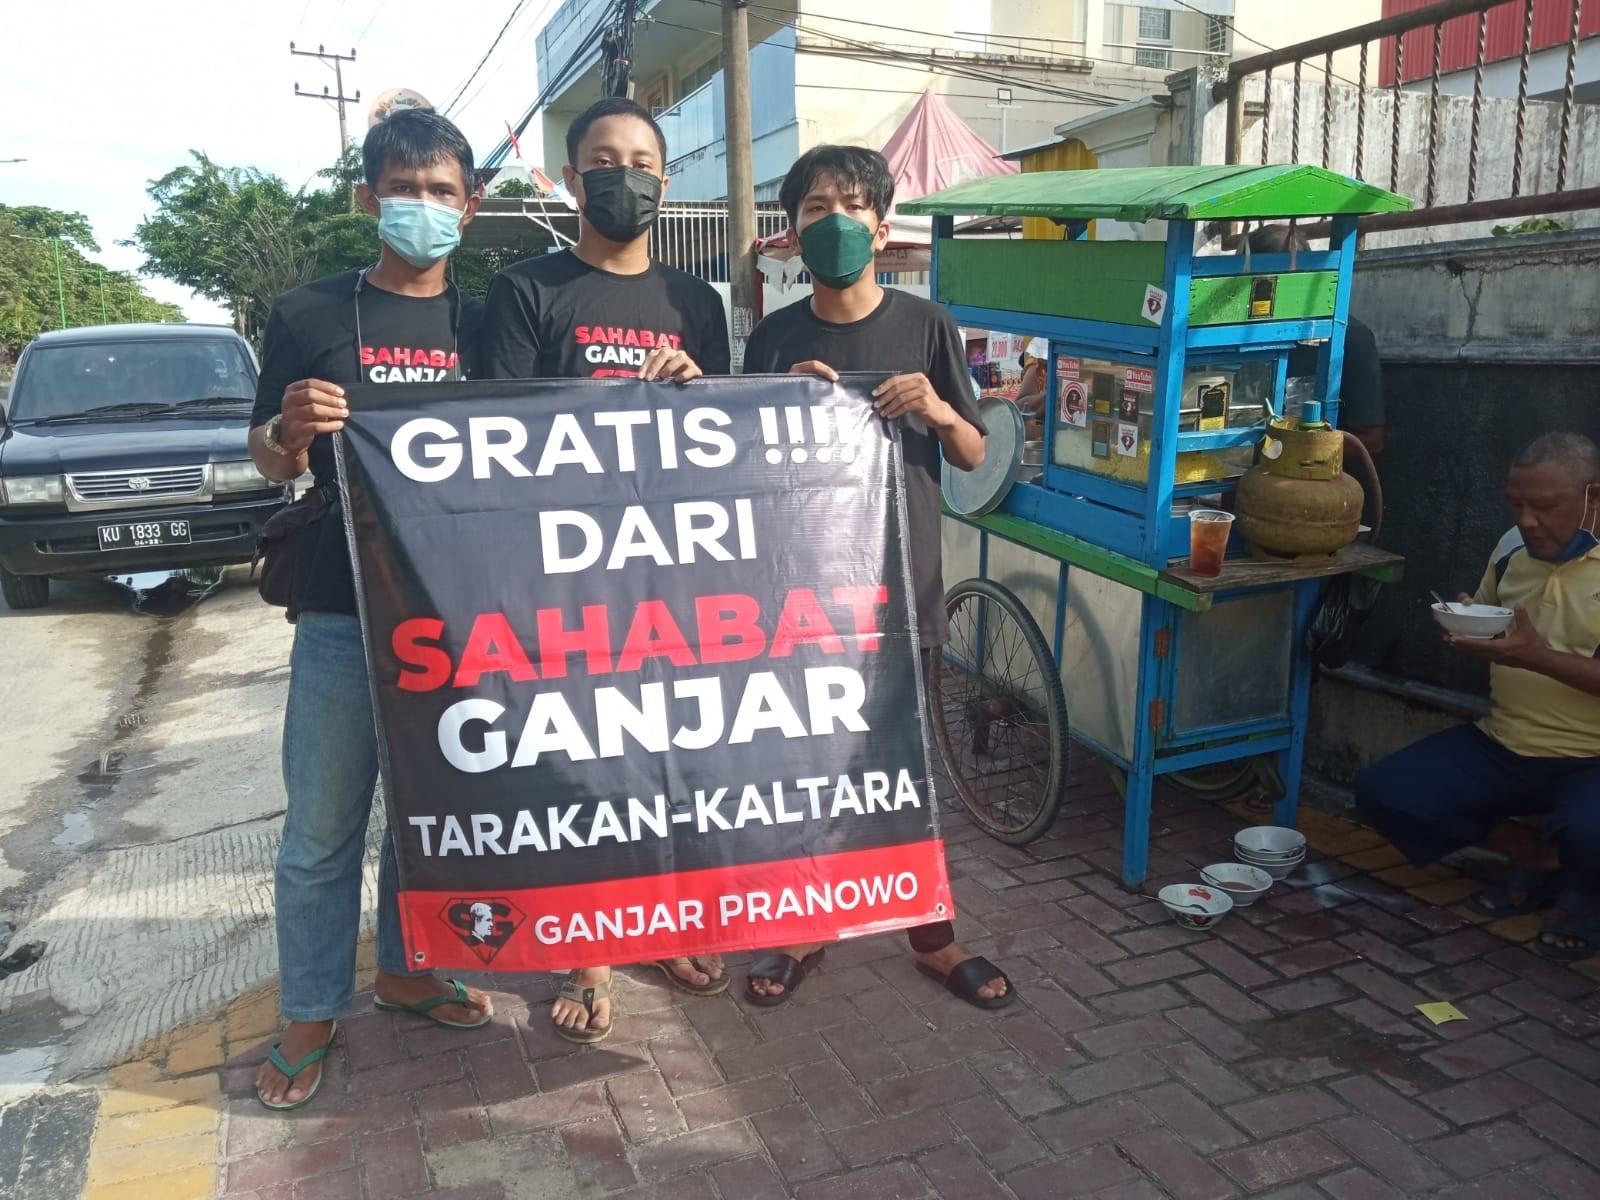 Dukung Program UMKM, Relawan Sahabat Ganjar Tarakan, Borong Bakso Pedagang Pinggir Jalan Mulawarman